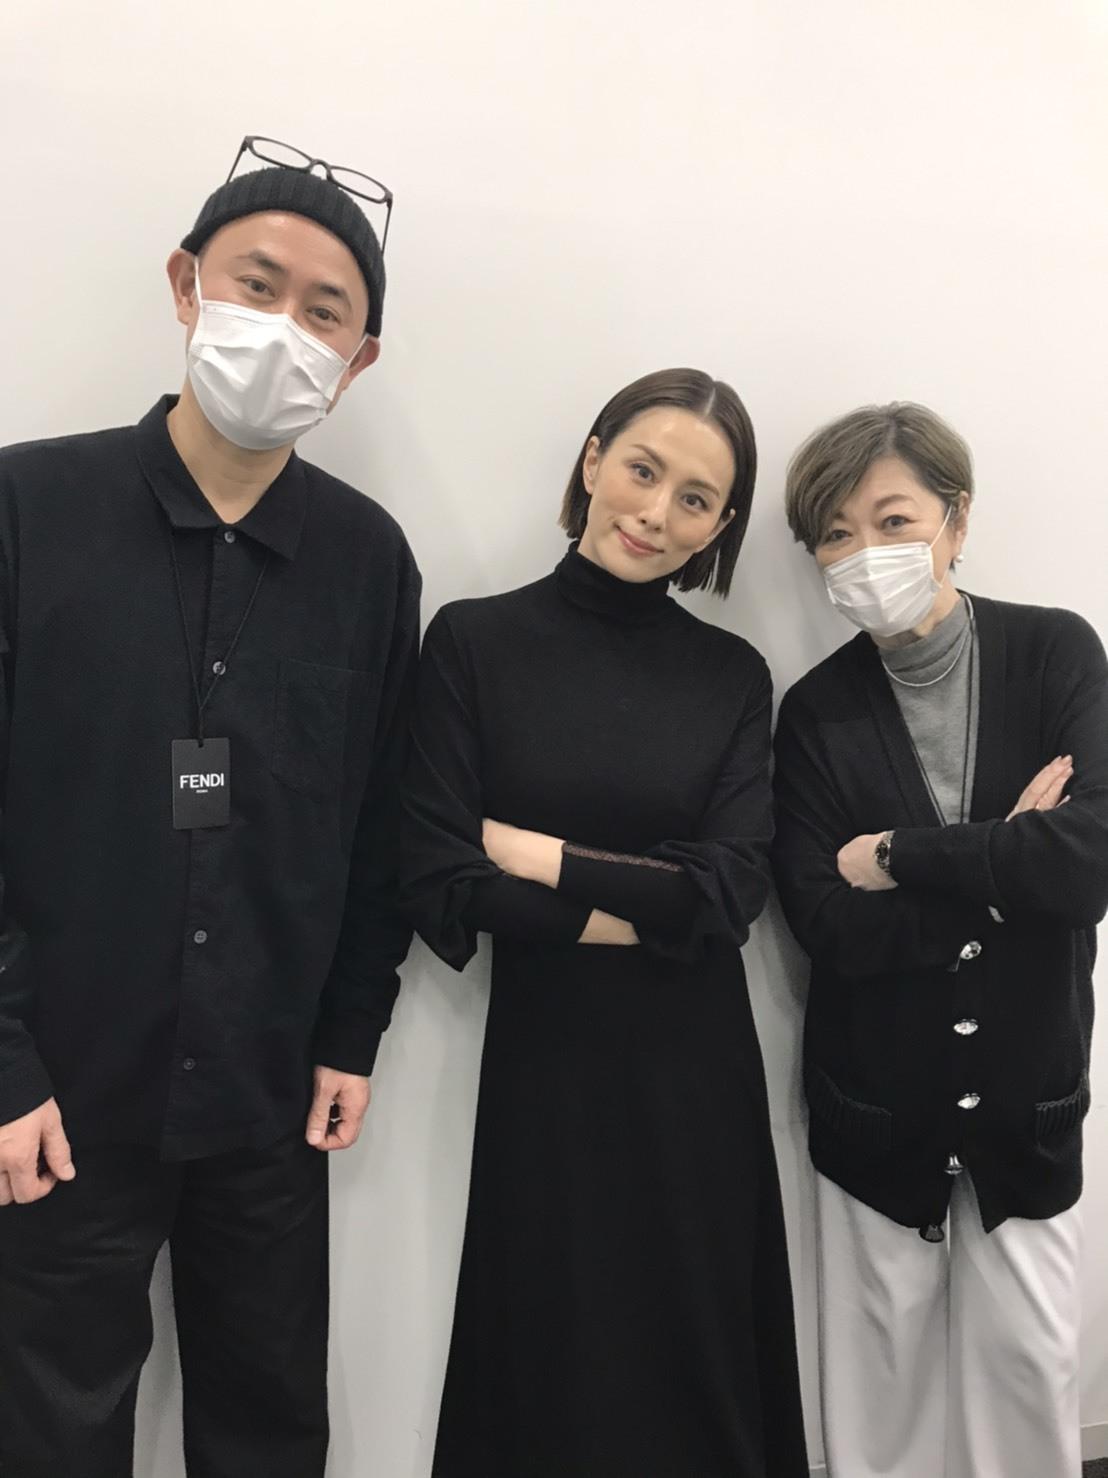 FENDIジャパンブランドアンバサダー就任記者発表♪